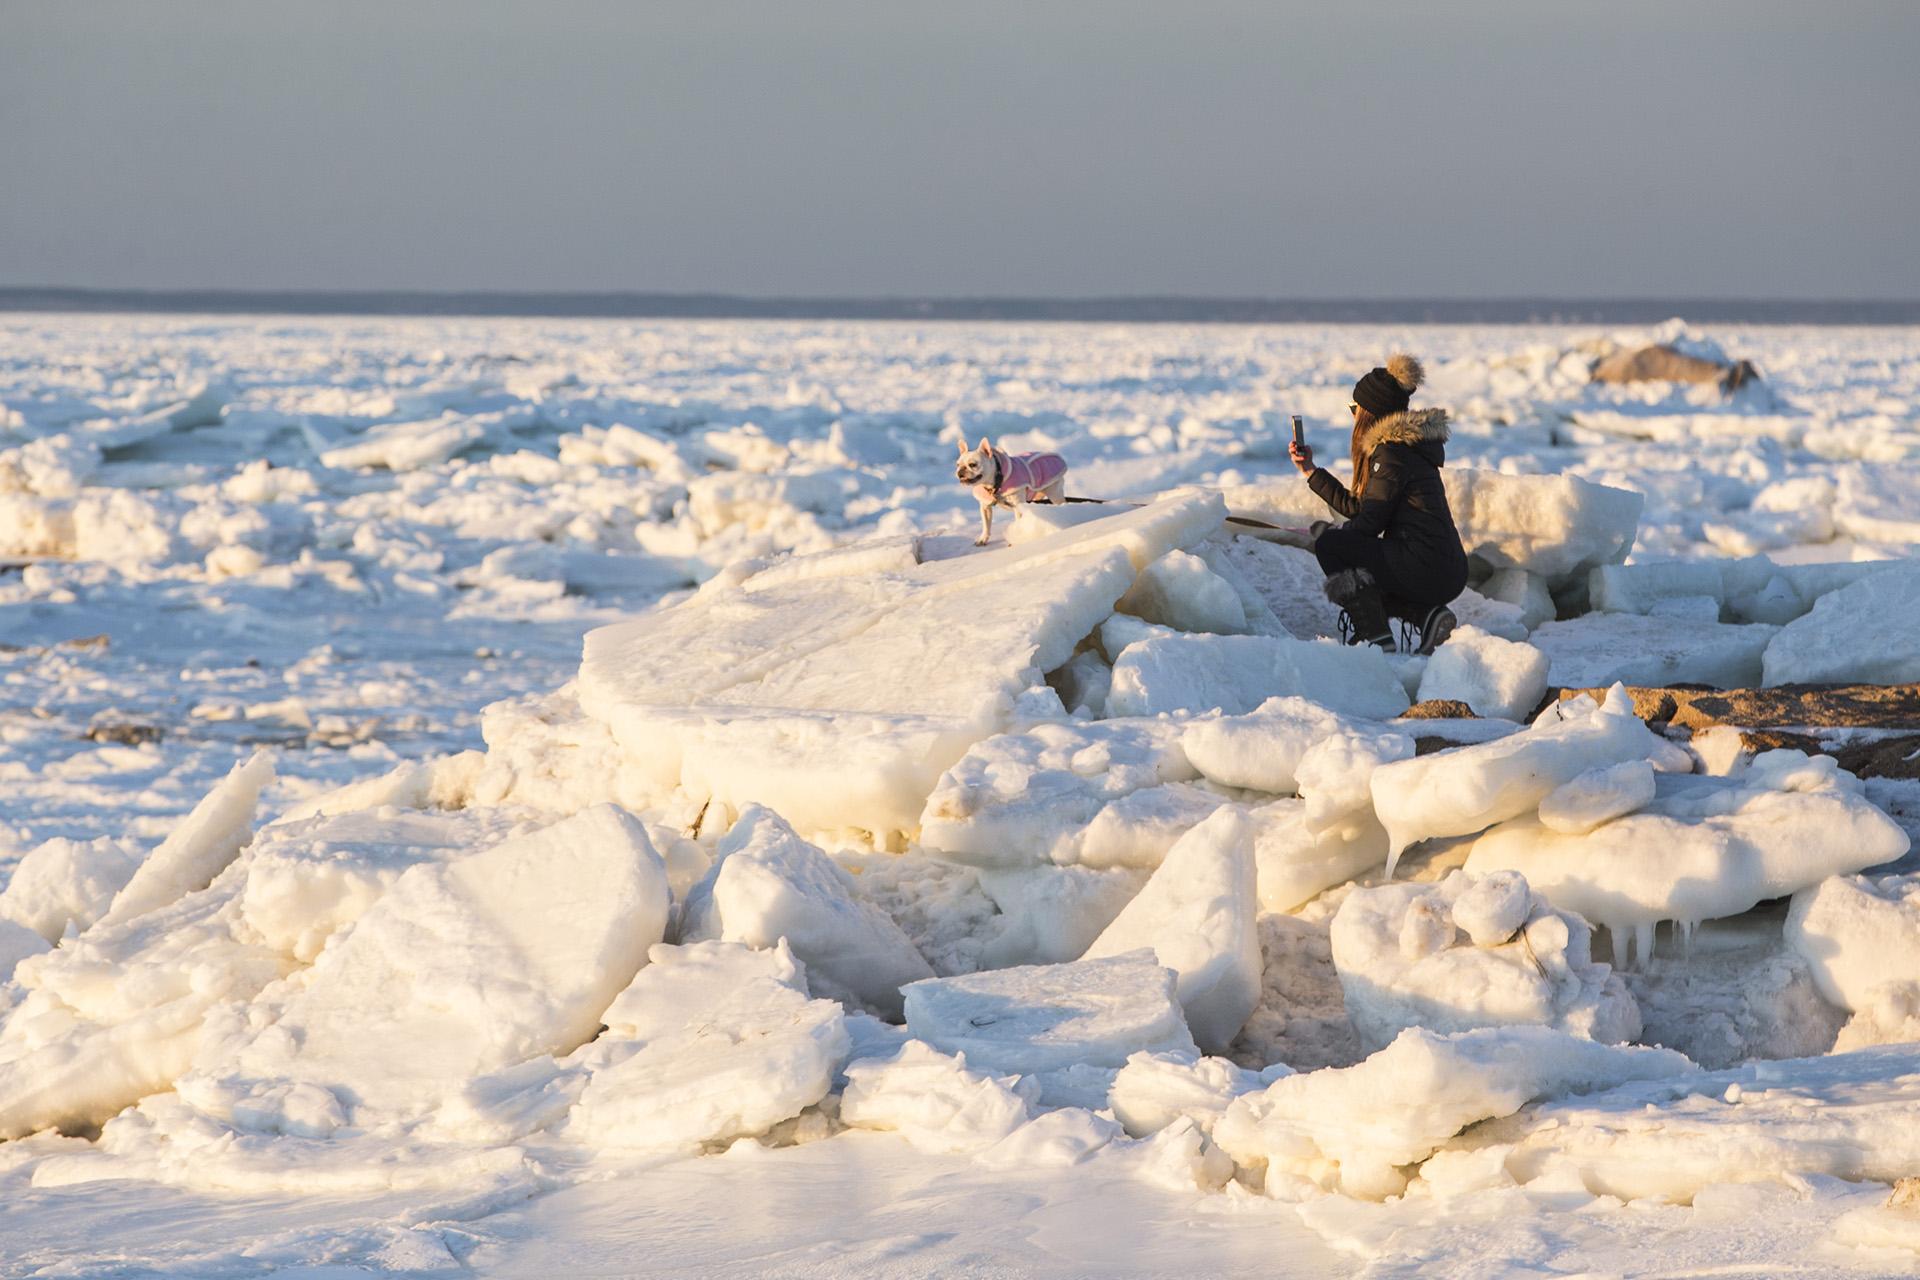 Una mujer se animó a pasear con su perro en el hielo, en Orleans, Massachusetts(Scott Eisen/Getty Images/AFP)